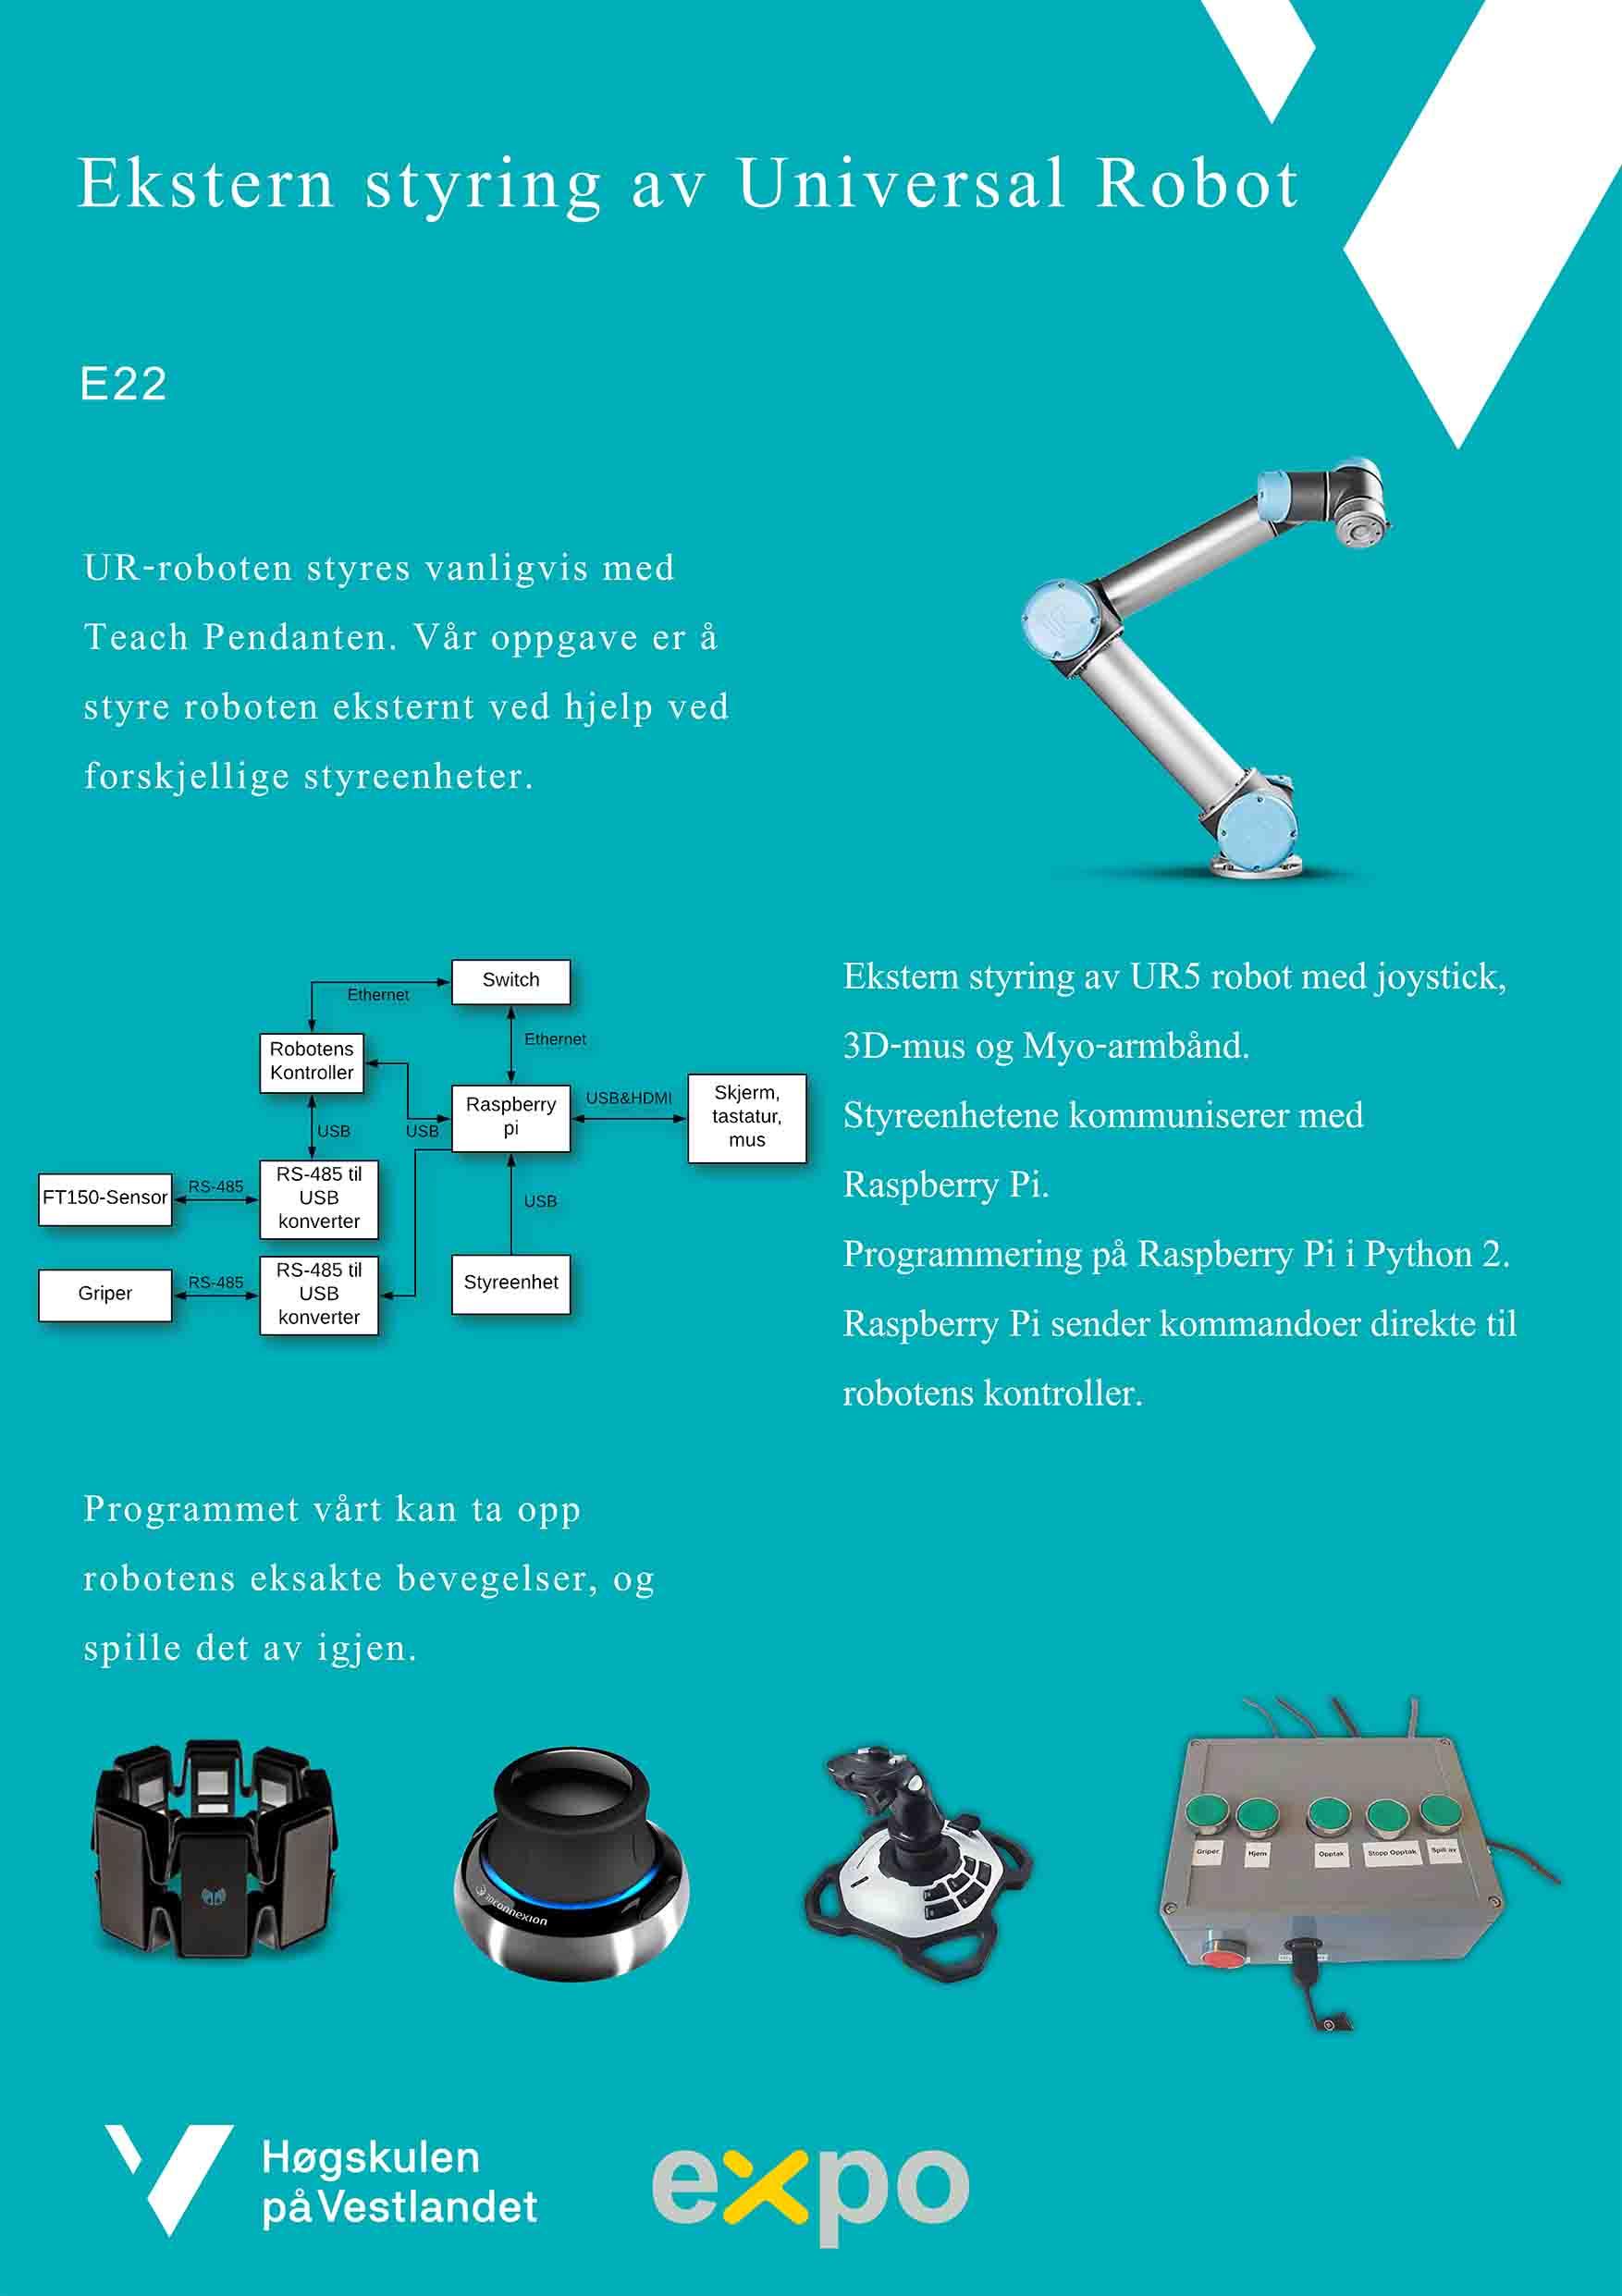 Ekstern styring av Universal Robot | EXPO